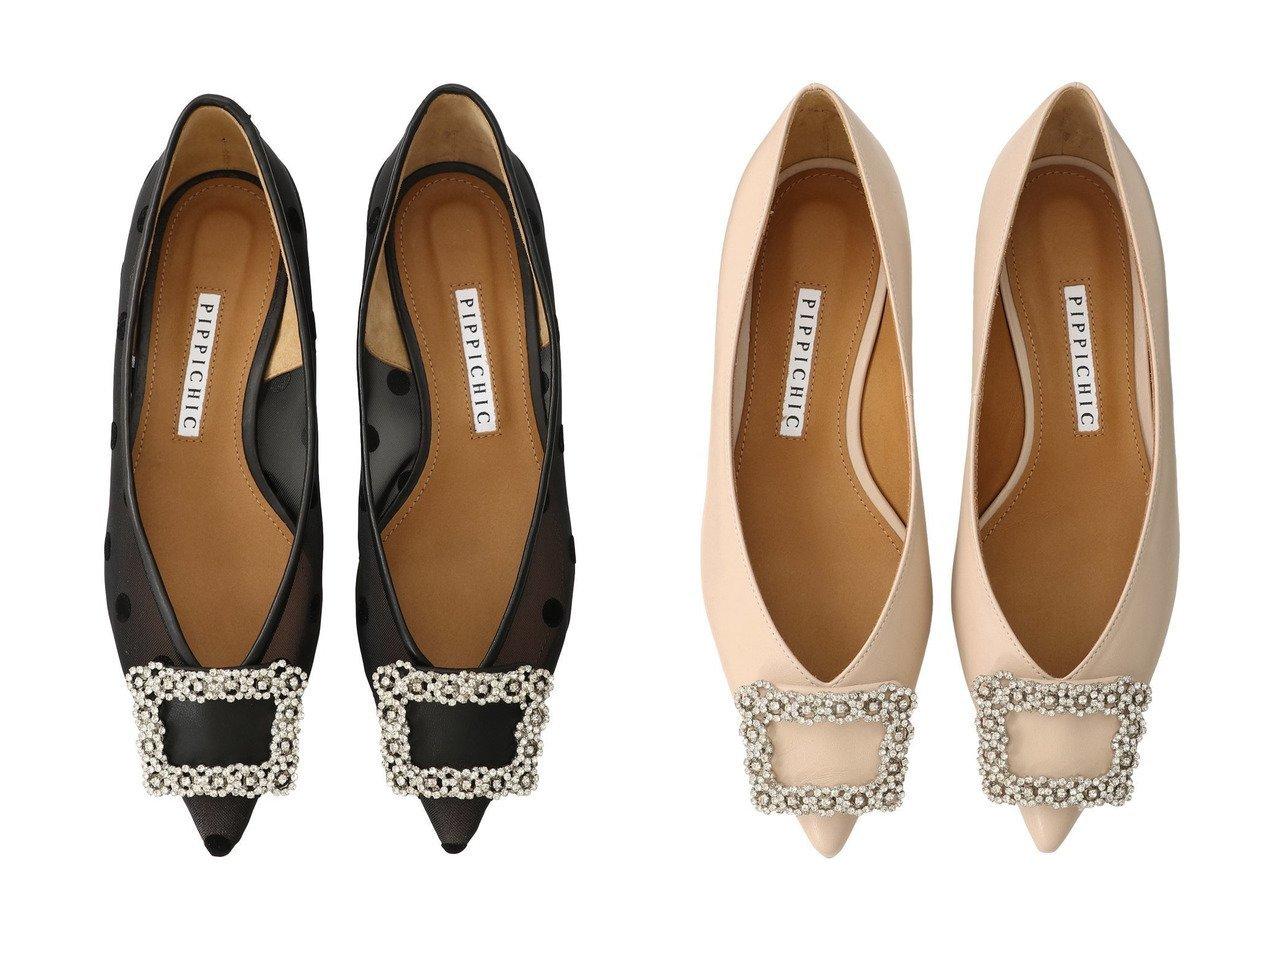 【Pippichic/ピッピシック】のANNA-V ジュエリードットチュールフラットシューズ&ANNA-V ジュエリーフラットシューズ シューズ・靴のおすすめ!人気トレンド・レディースファッションの通販 おすすめで人気のファッション通販商品 インテリア・家具・キッズファッション・メンズファッション・レディースファッション・服の通販 founy(ファニー) https://founy.com/ ファッション Fashion レディースファッション WOMEN シューズ ジュエリー パーティ フェミニン フォルム フラット デニム モチーフ |ID:crp329100000007764